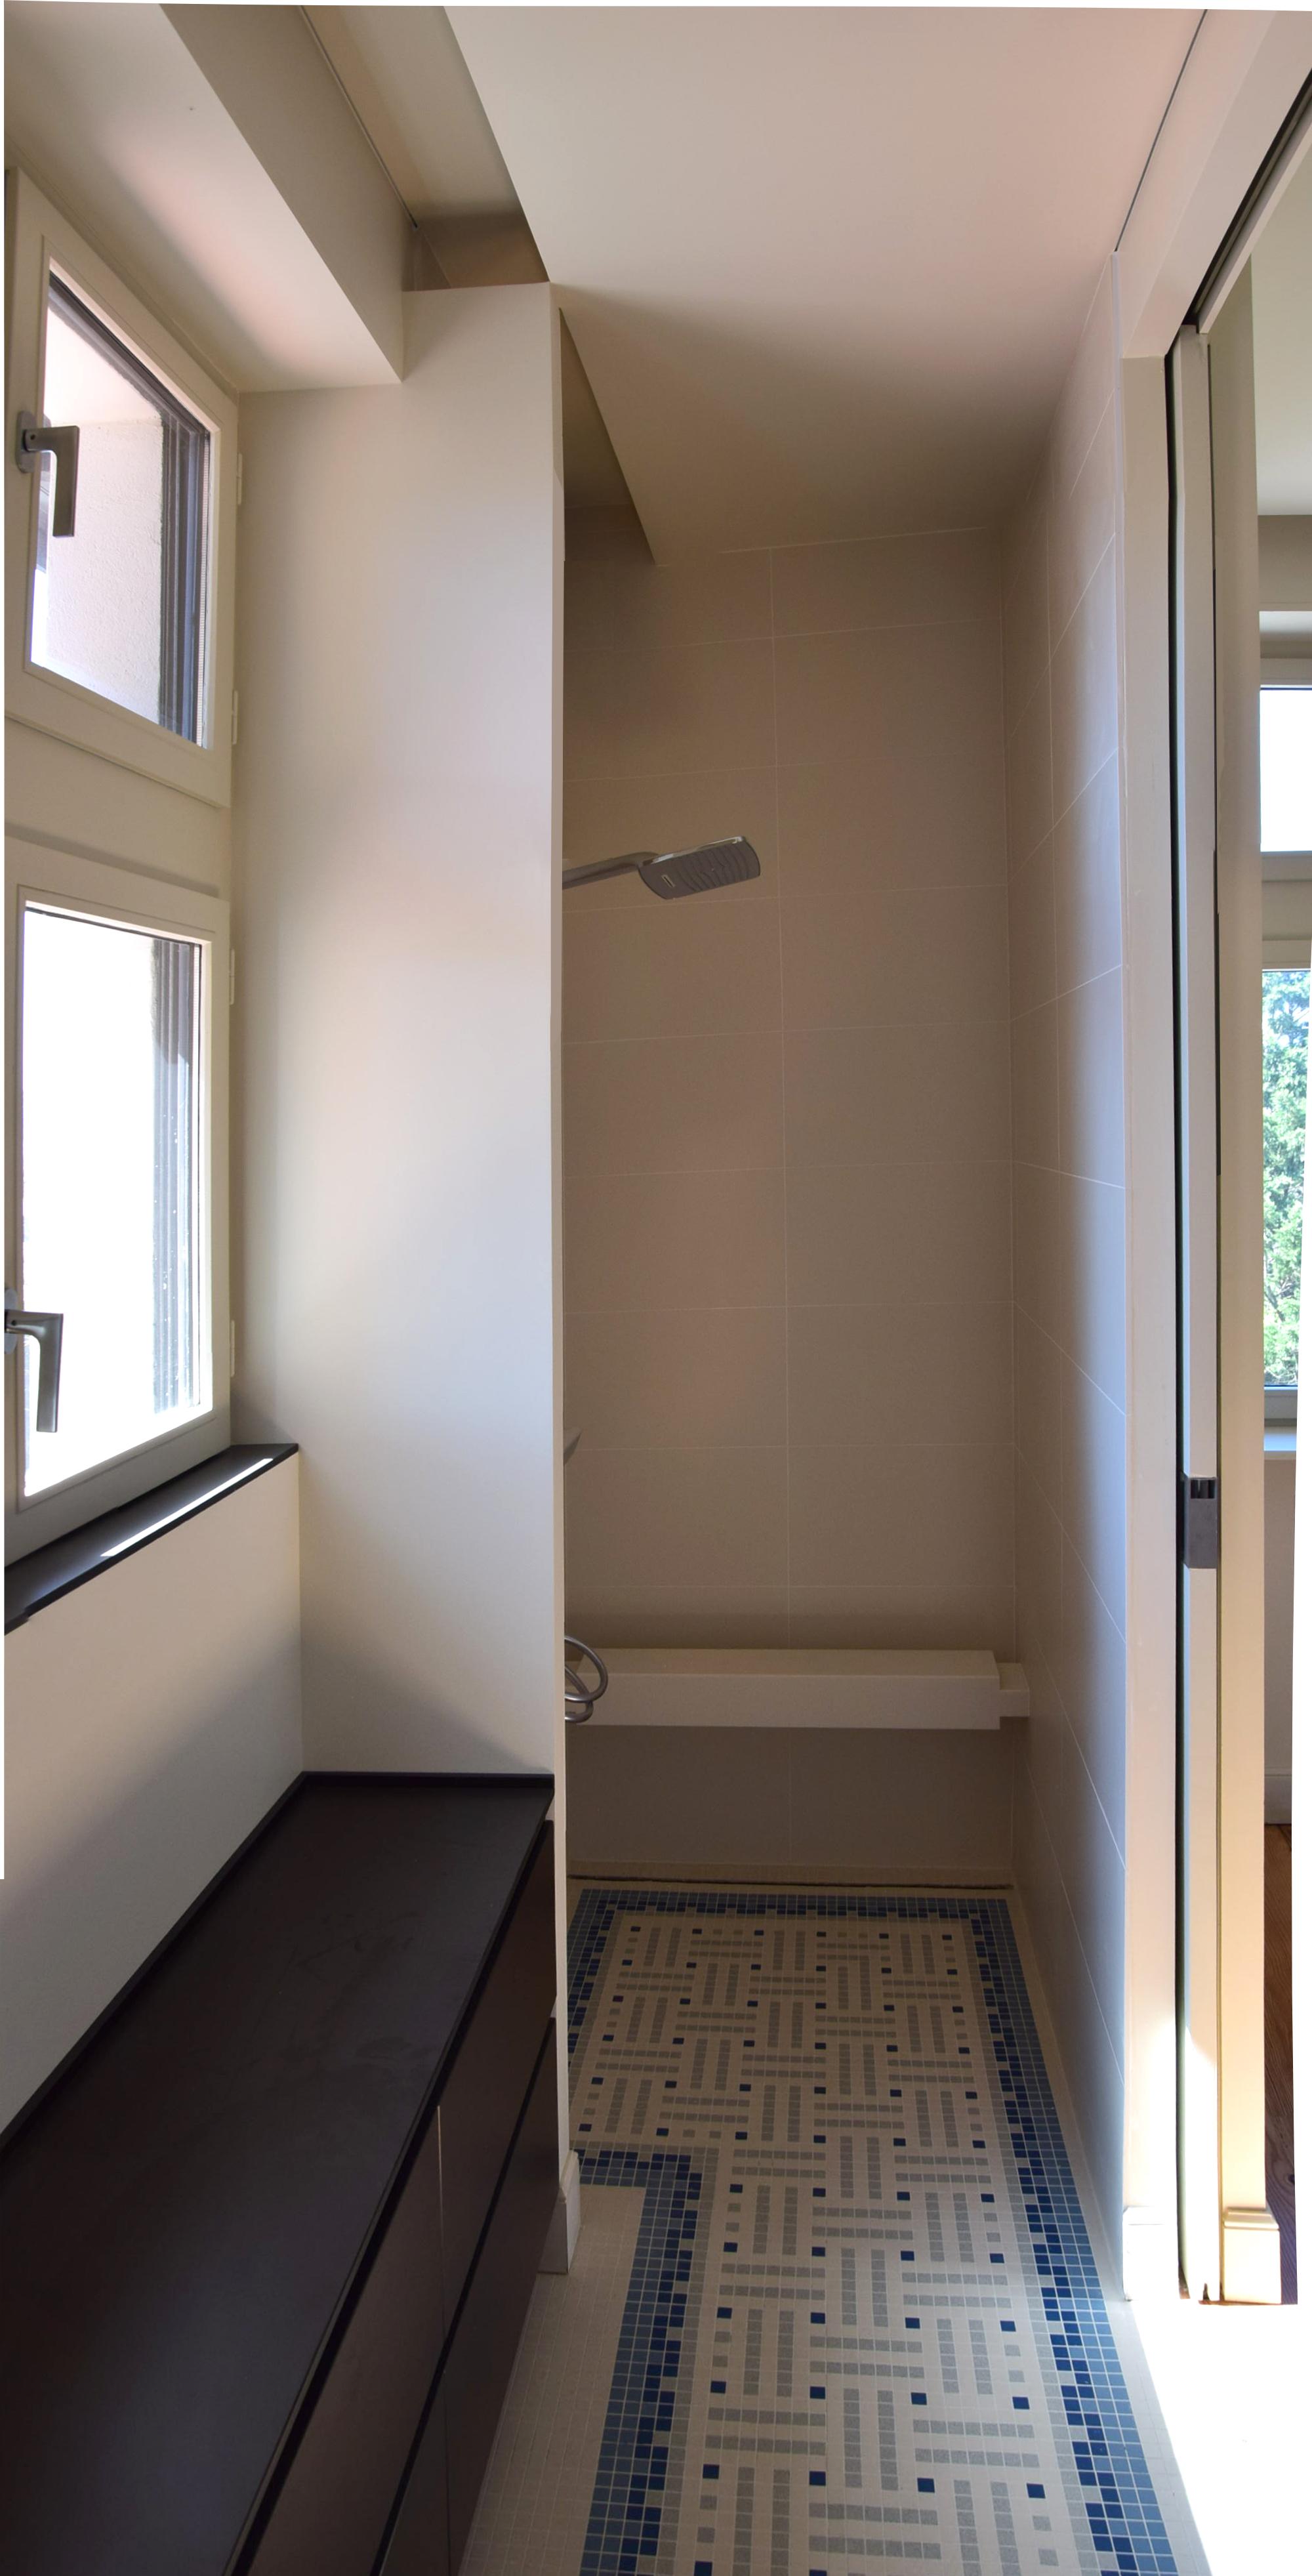 Salles De Bain Architecte Delettre Architecte Biarritz Anglet